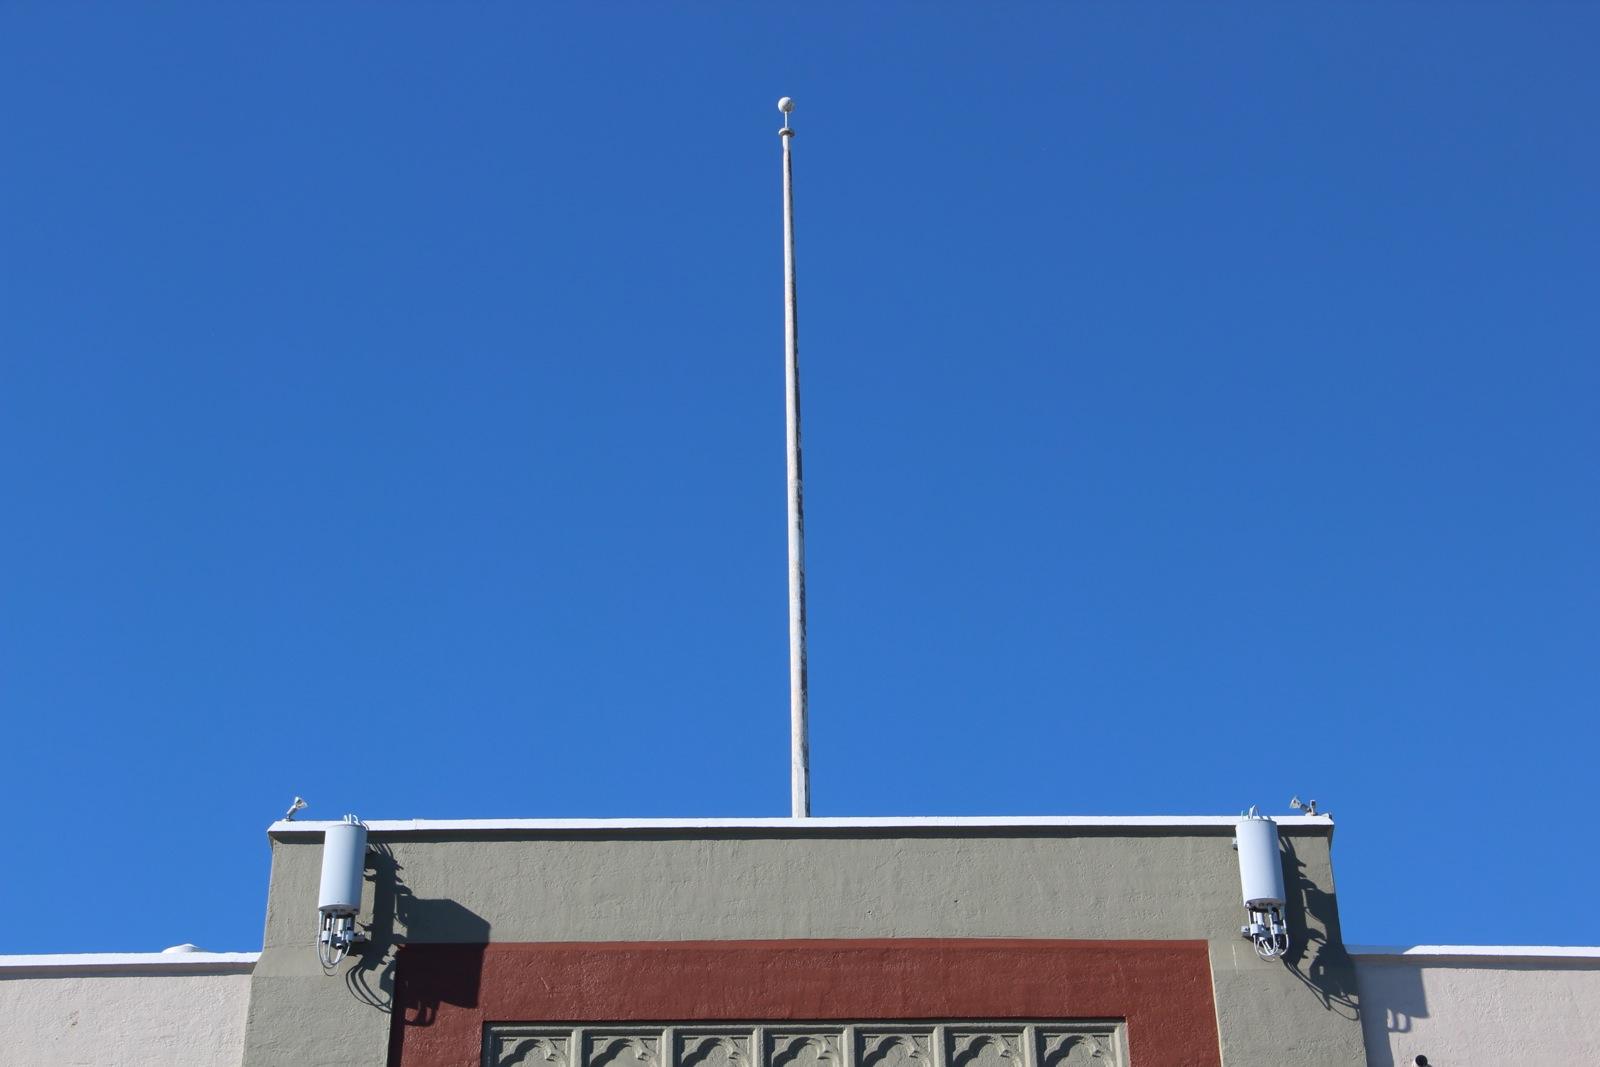 a flag pole